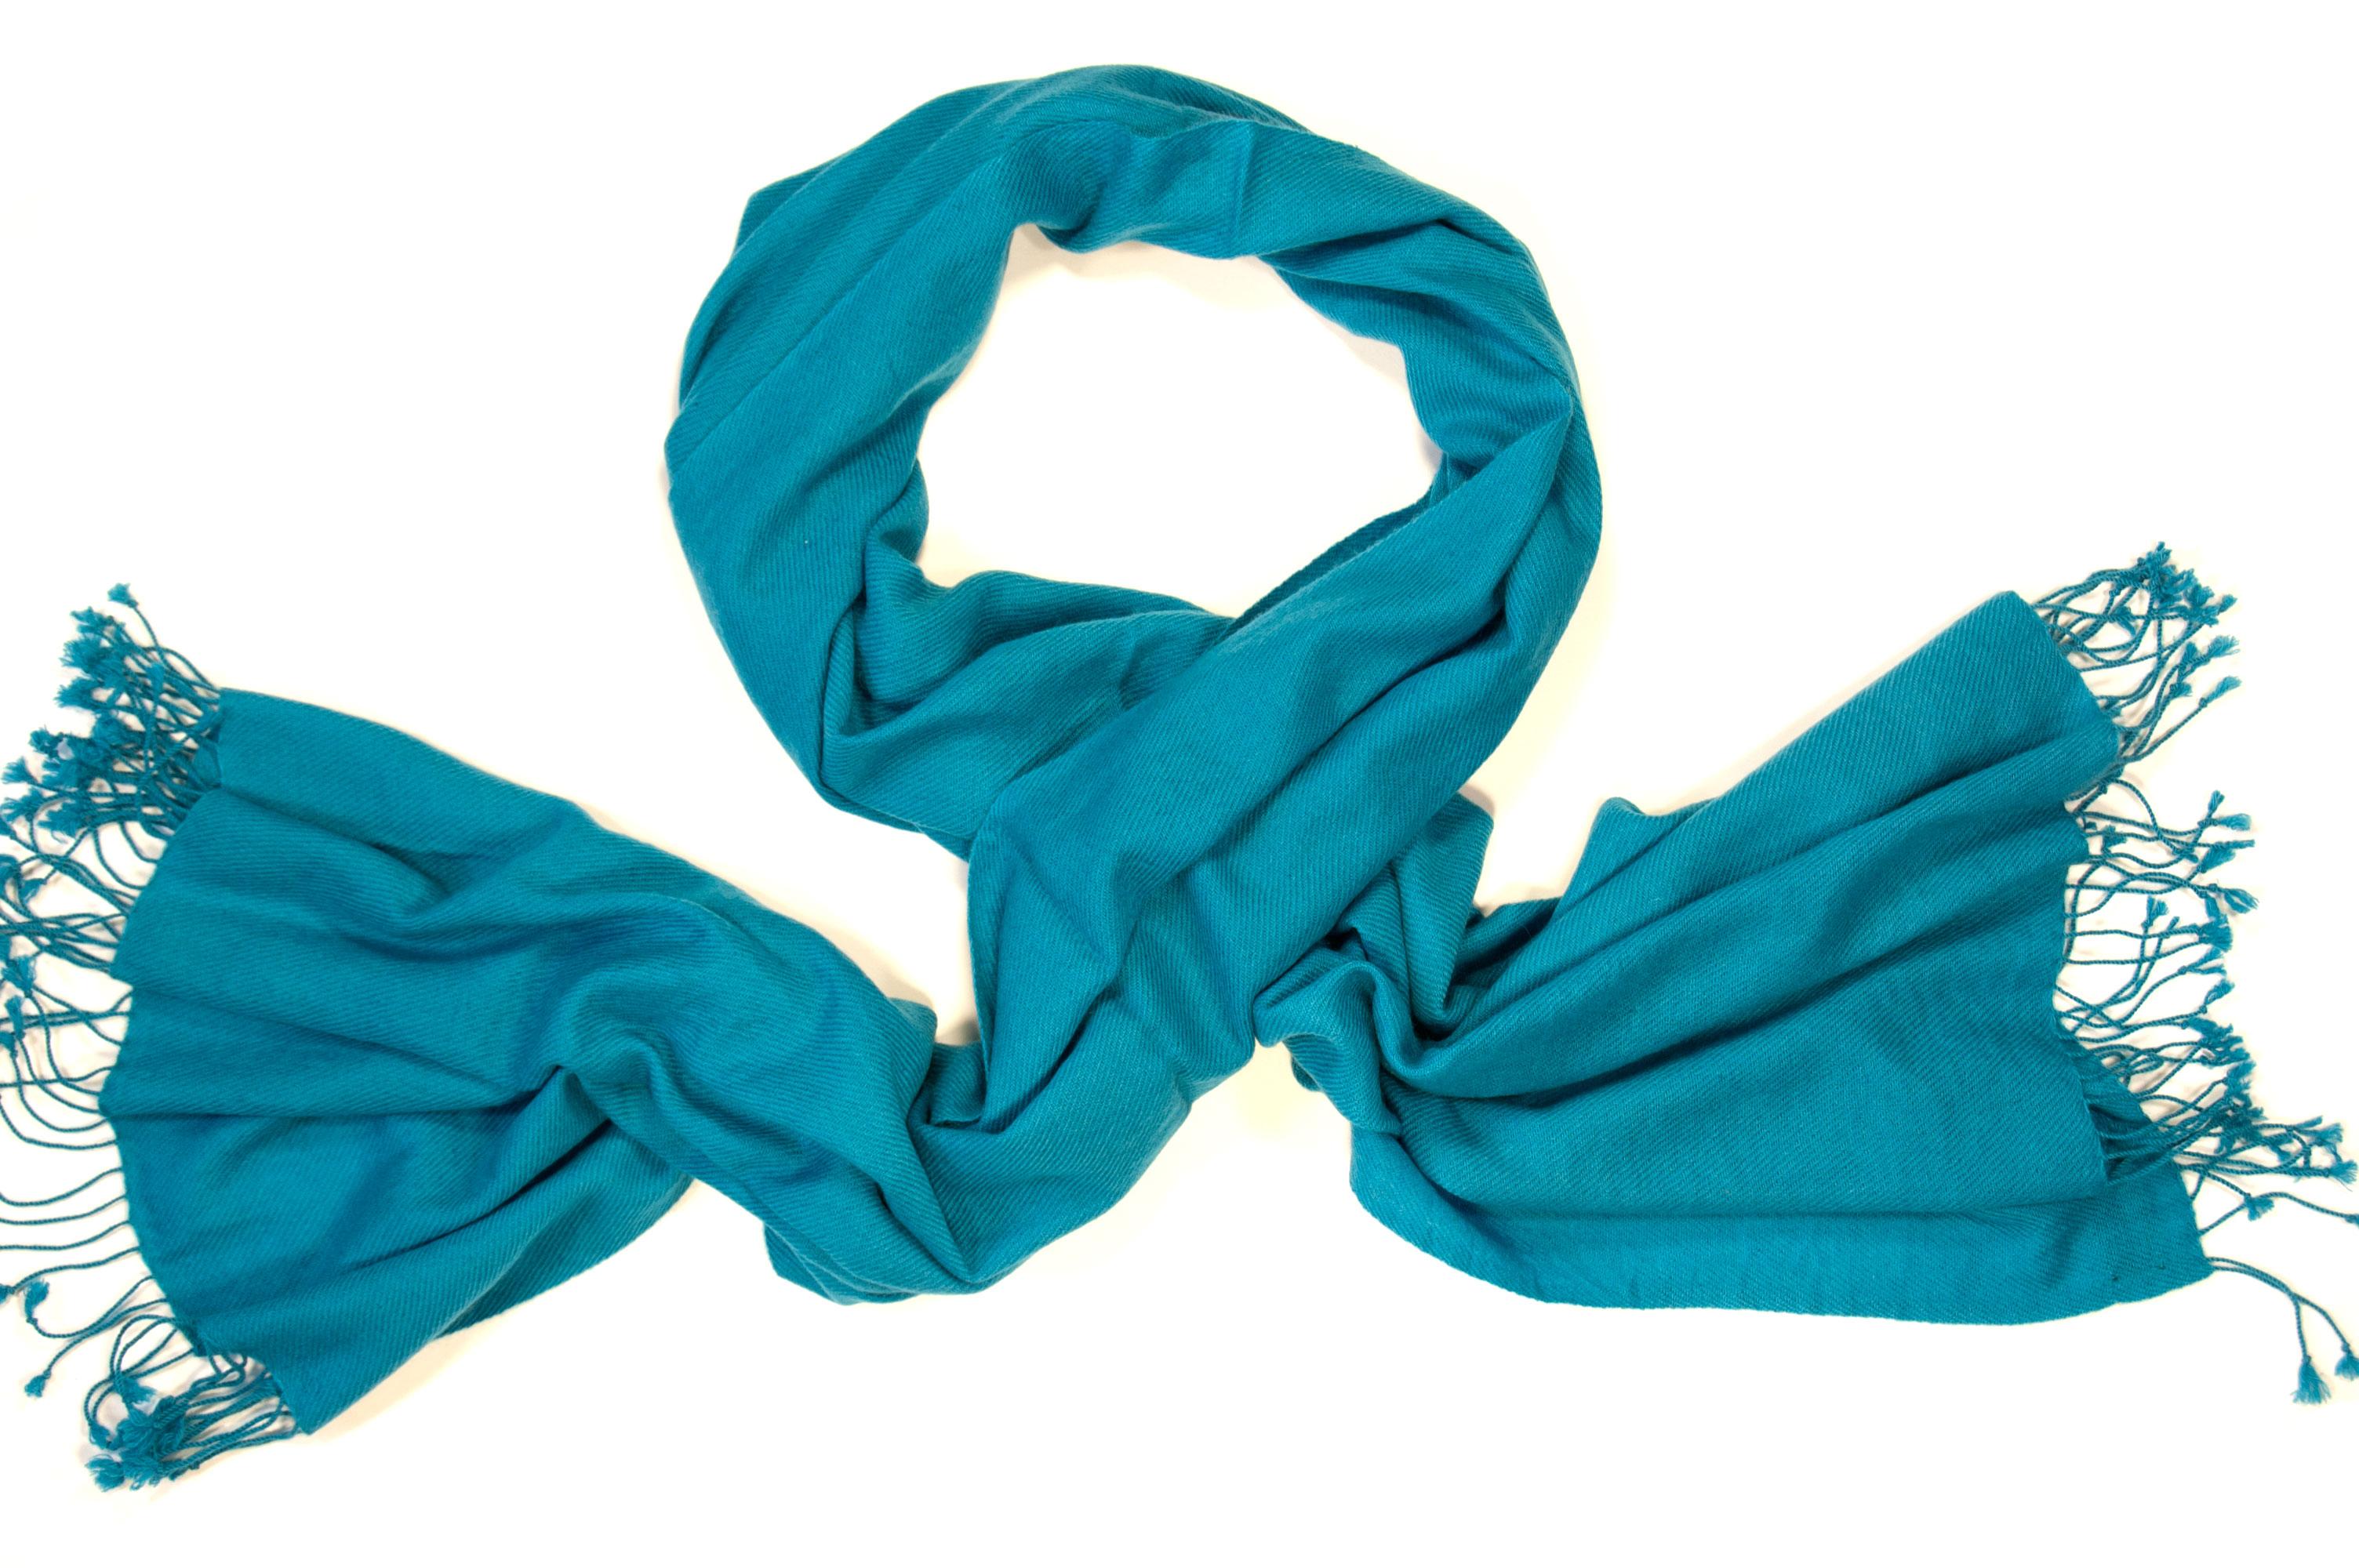 Cashmere sjaal in blauwgroen